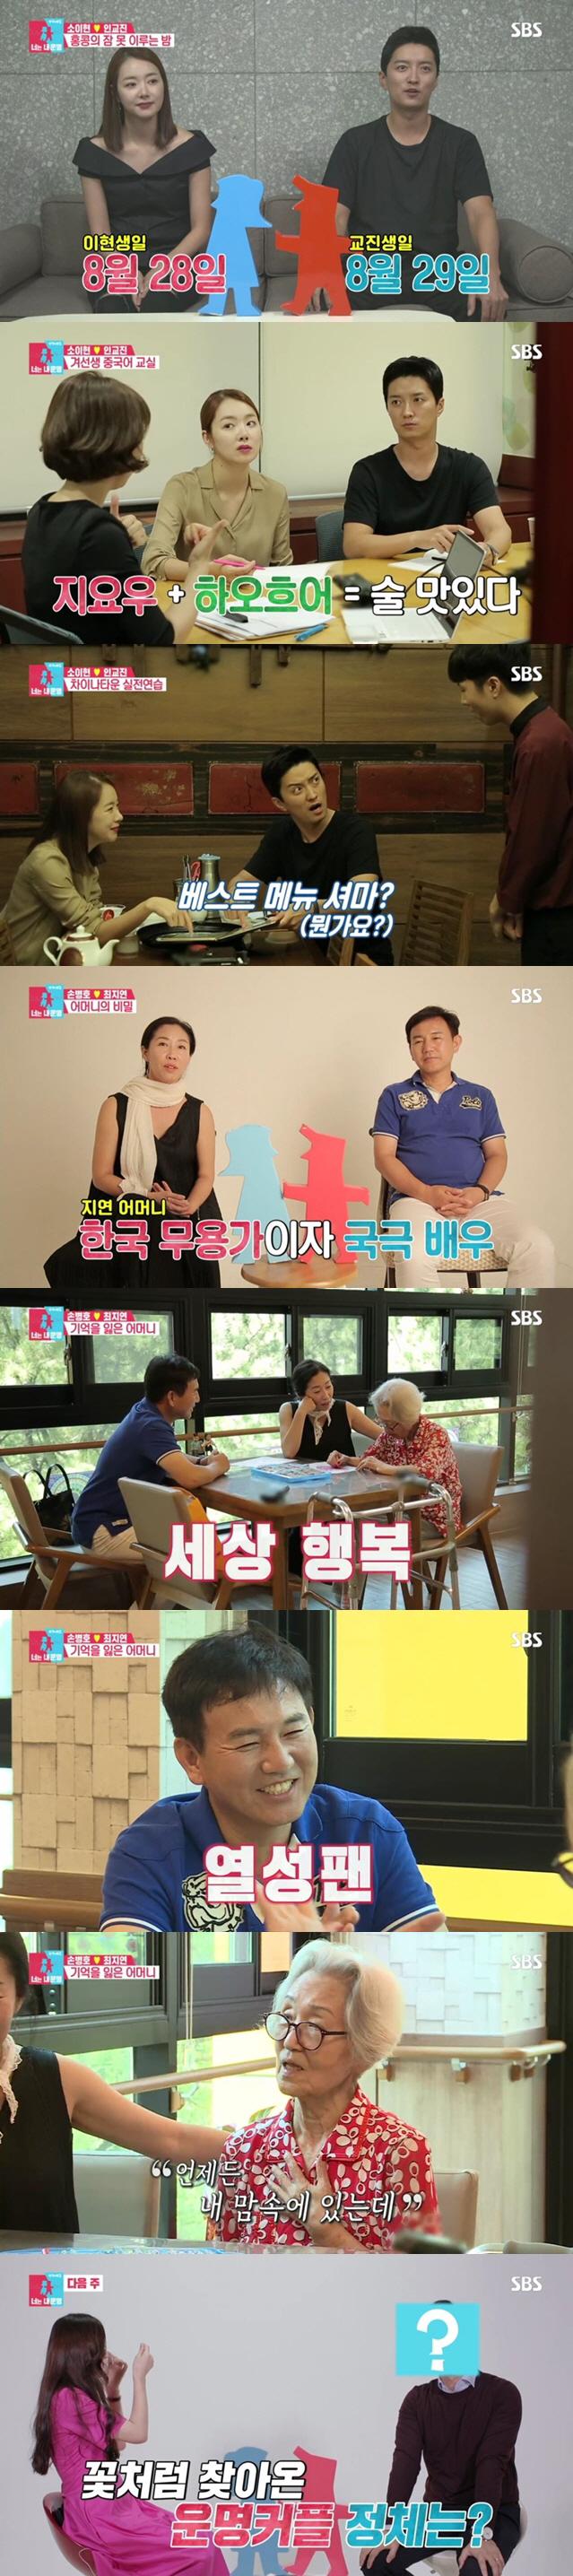 '동상이몽2' 한고은♥신영수, '노팅힐' 뺨치는 러브스토리 '최고의 1분'